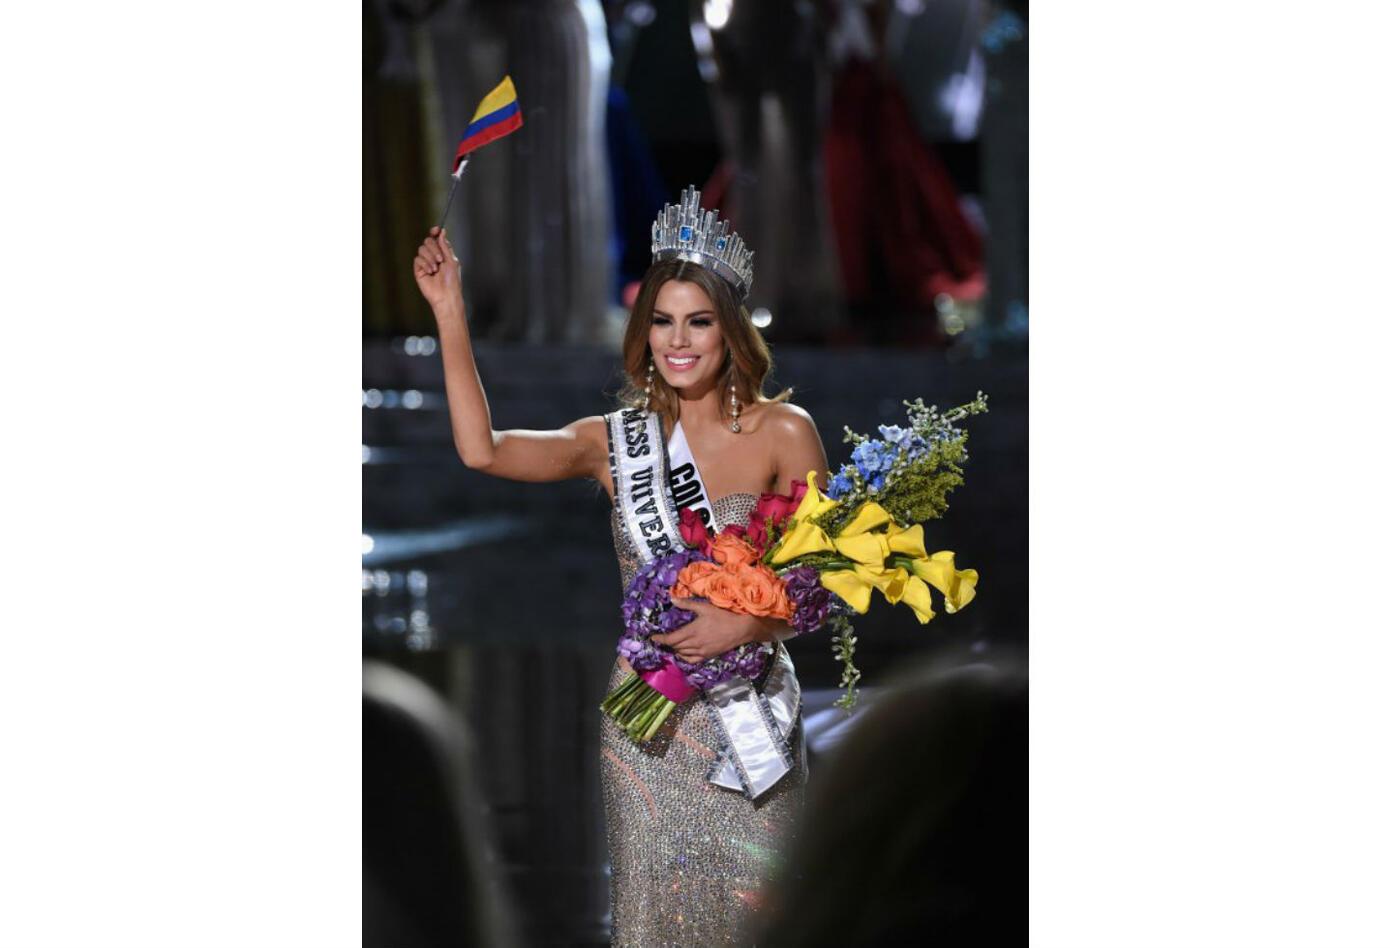 Ariadna Gutiérrez alcanzó a desfilar con su corona como Miss Universo